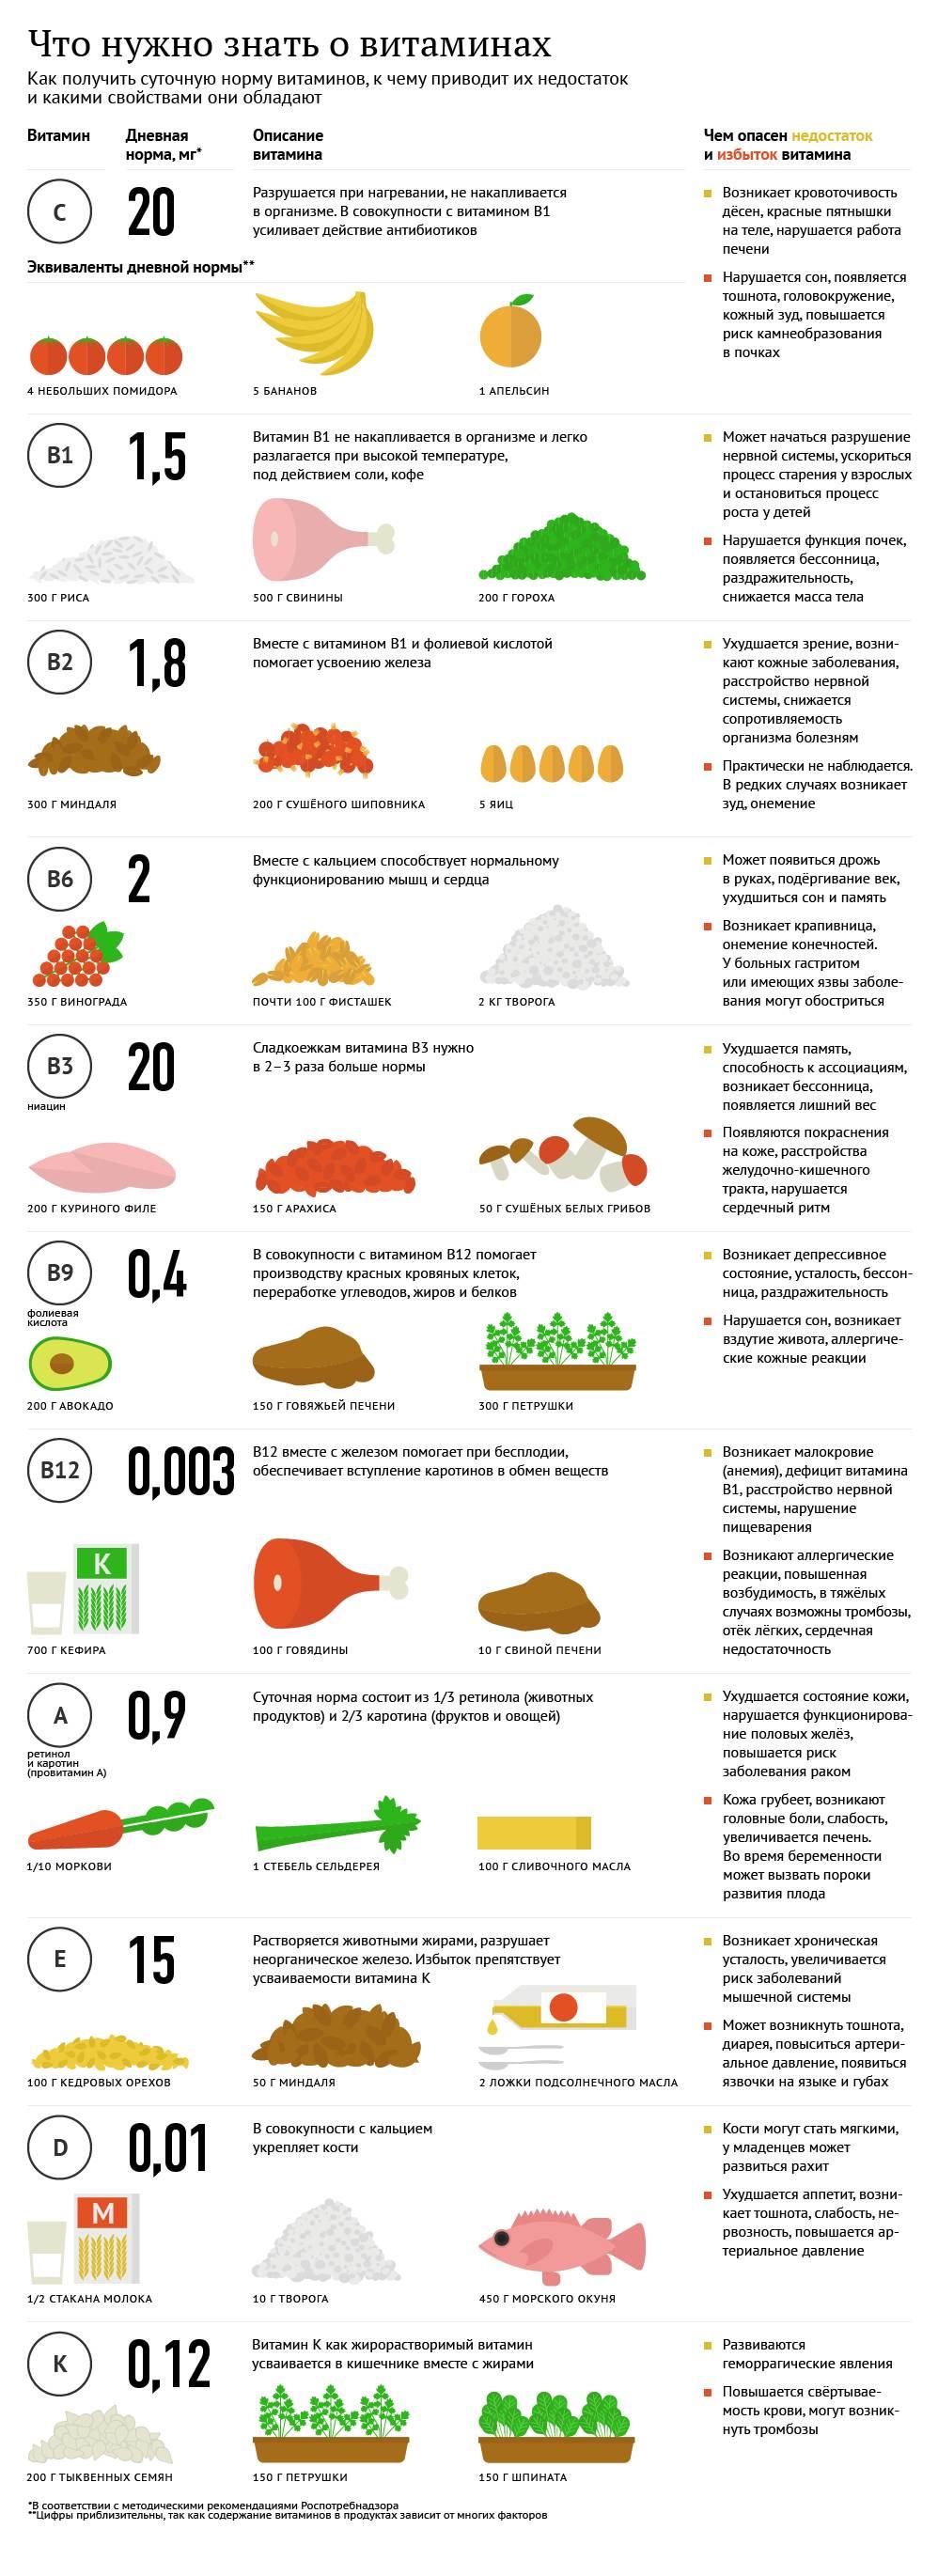 витамины группы в схема лечения